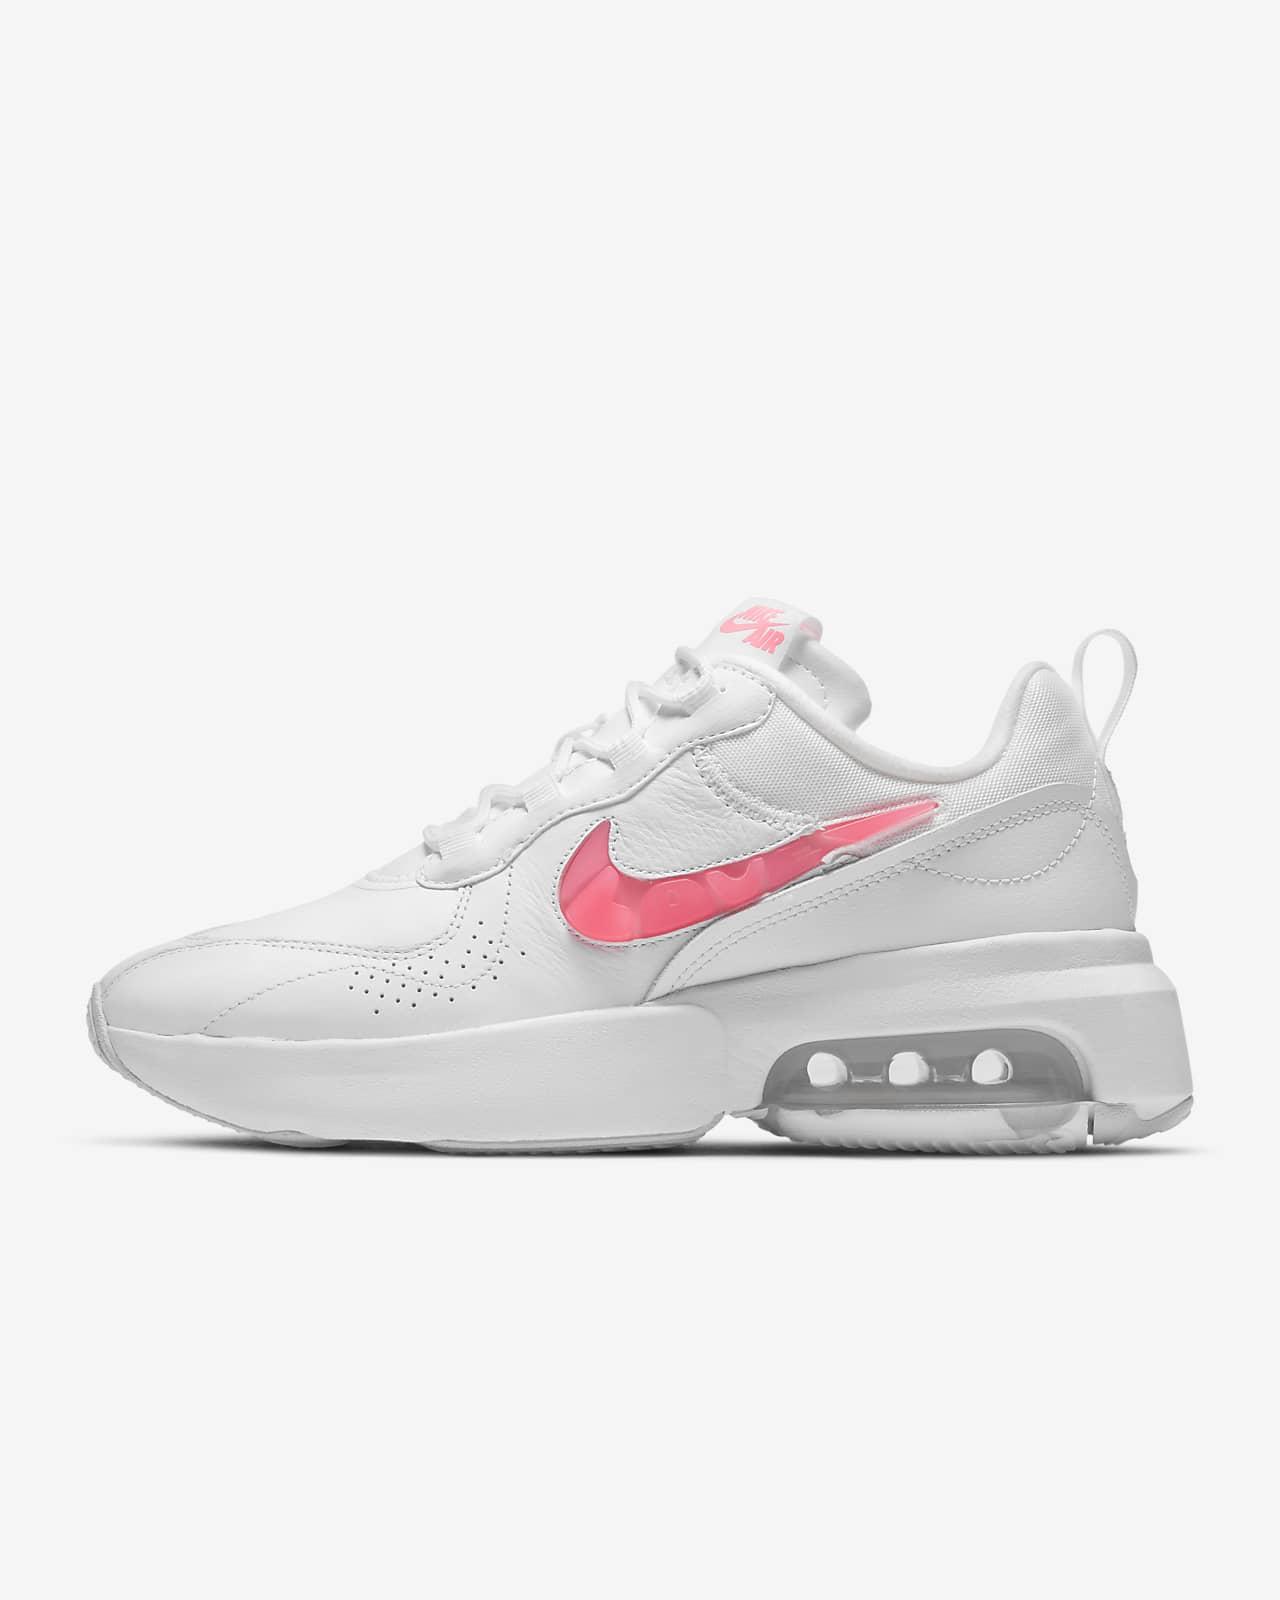 Nike Air Max Verona 情人節女鞋